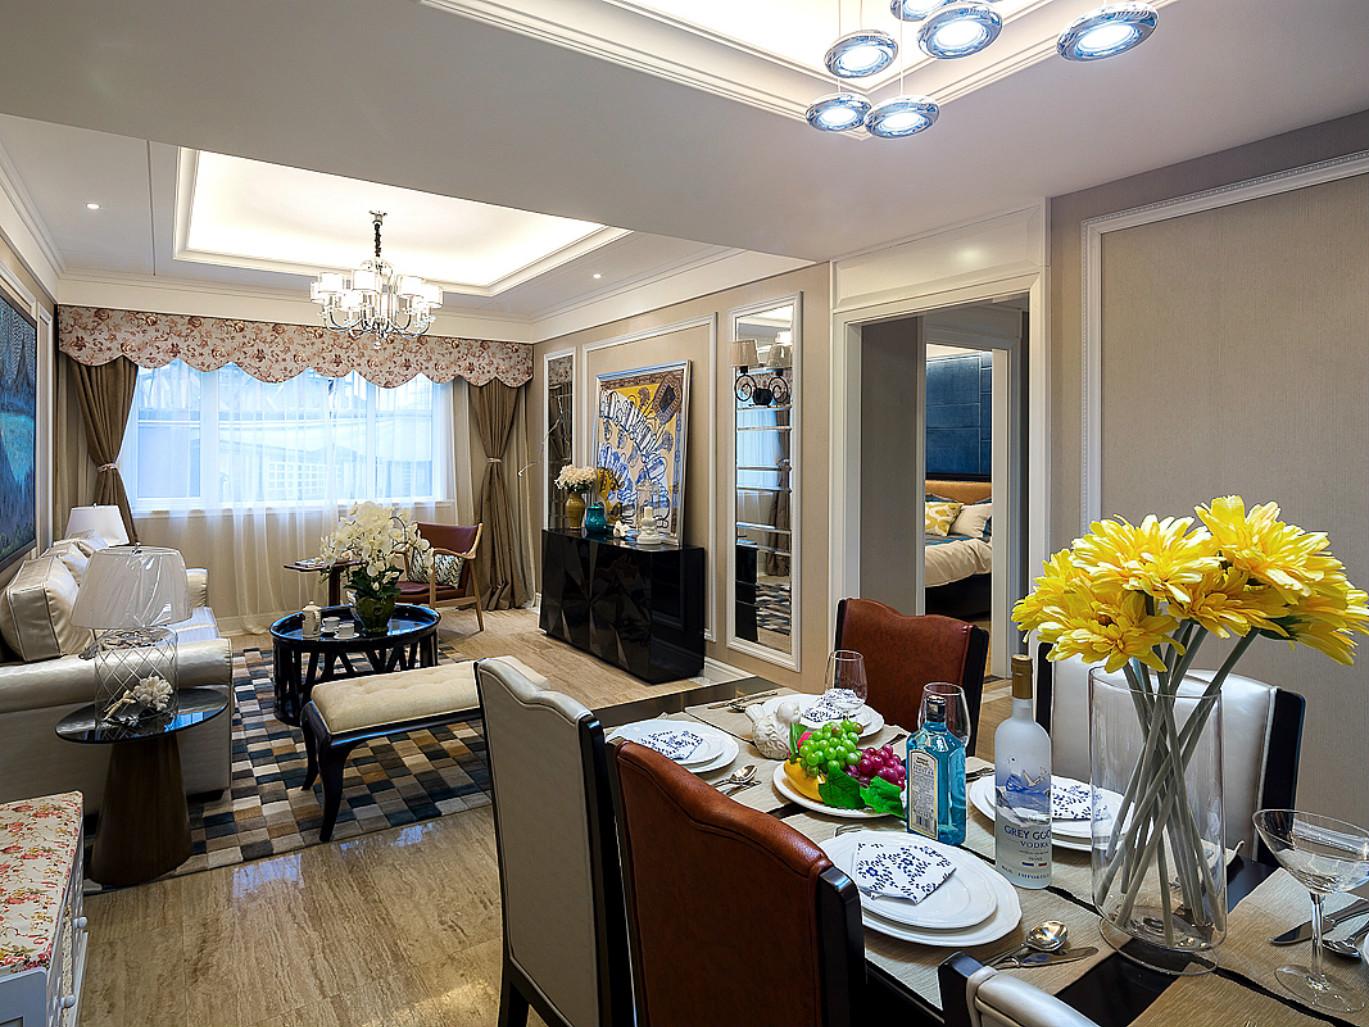 餐厅和客厅相互连接,餐桌后面设计了收纳柜,上方的空间也没放过,设计成为吊柜,这增加了不少的收纳面积。